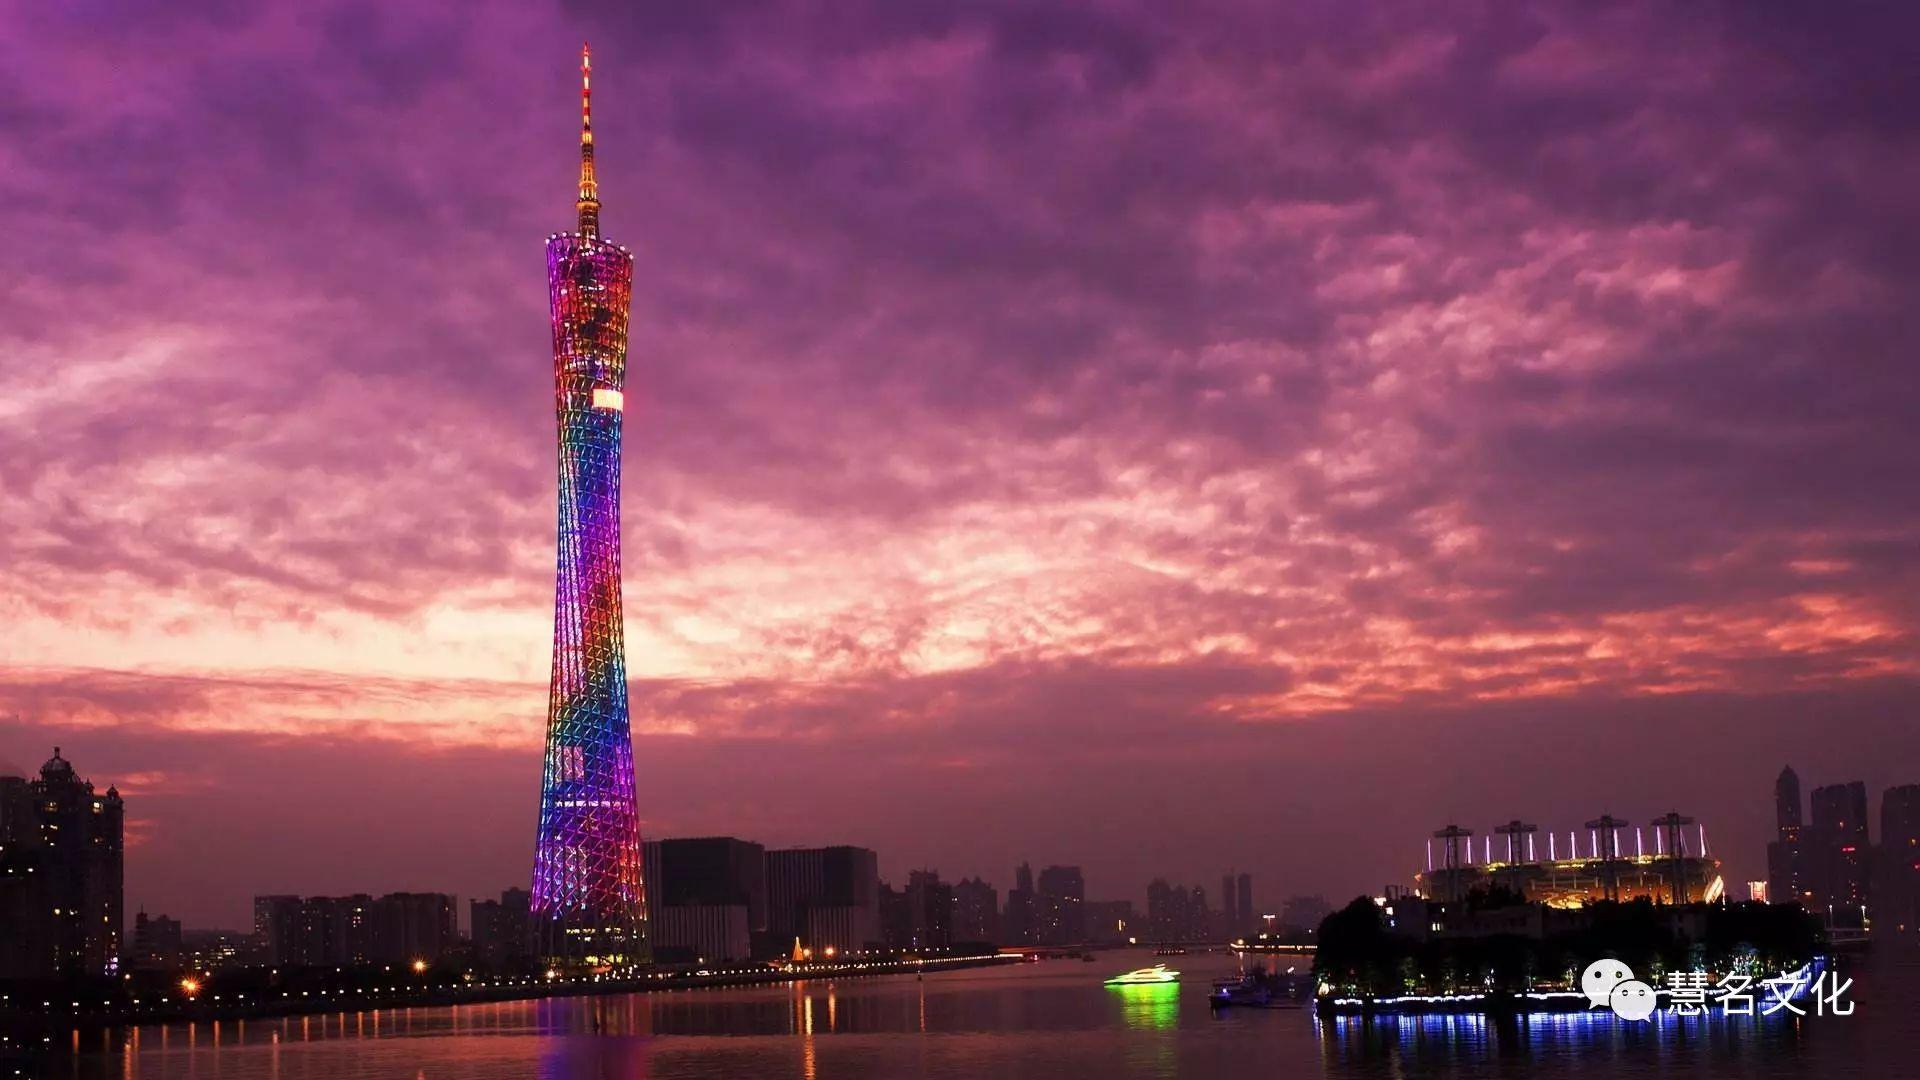 中国人姓名有地域特点:北方比南方略显刚强——广州塔